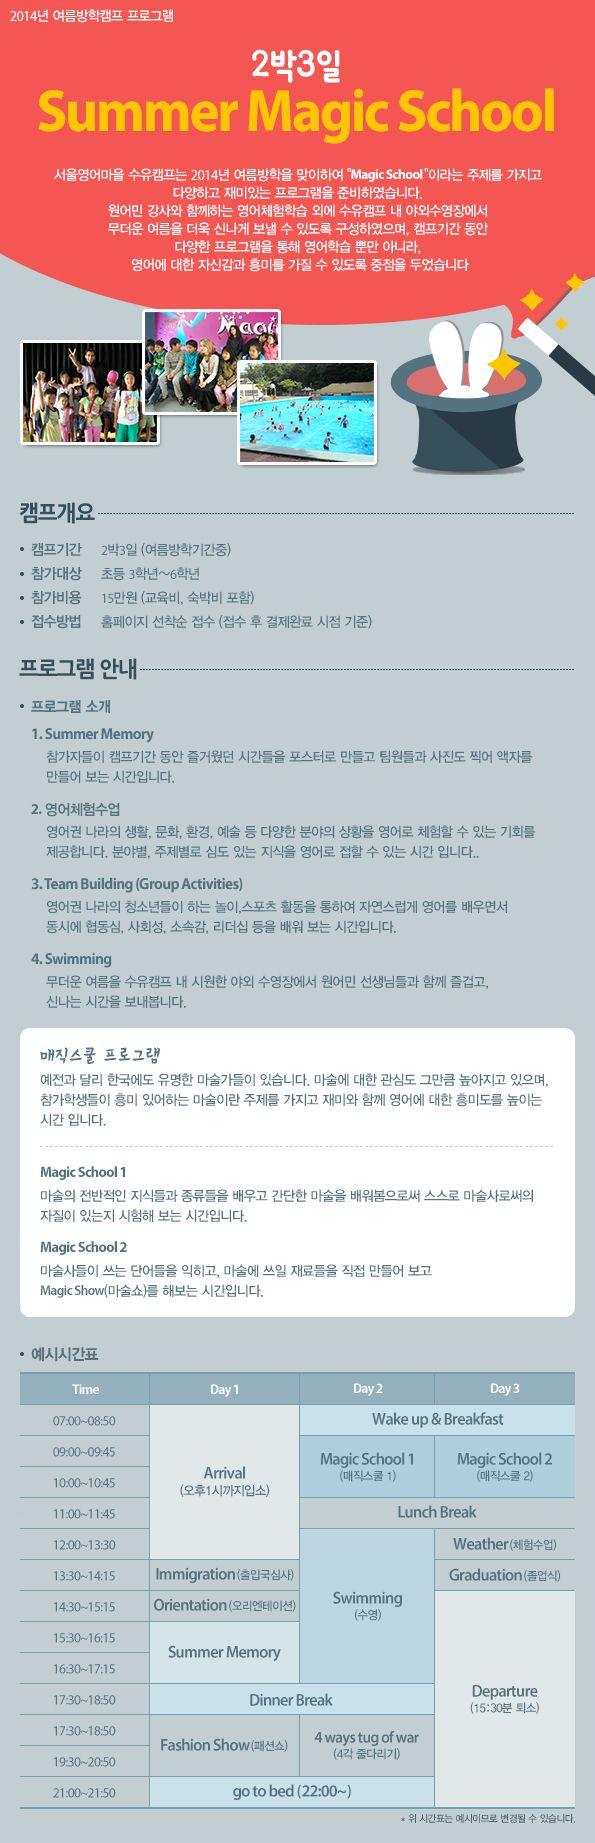 [수유영어마을]여름방학캠 프로그램 -2박3일 Magic School(김미진)